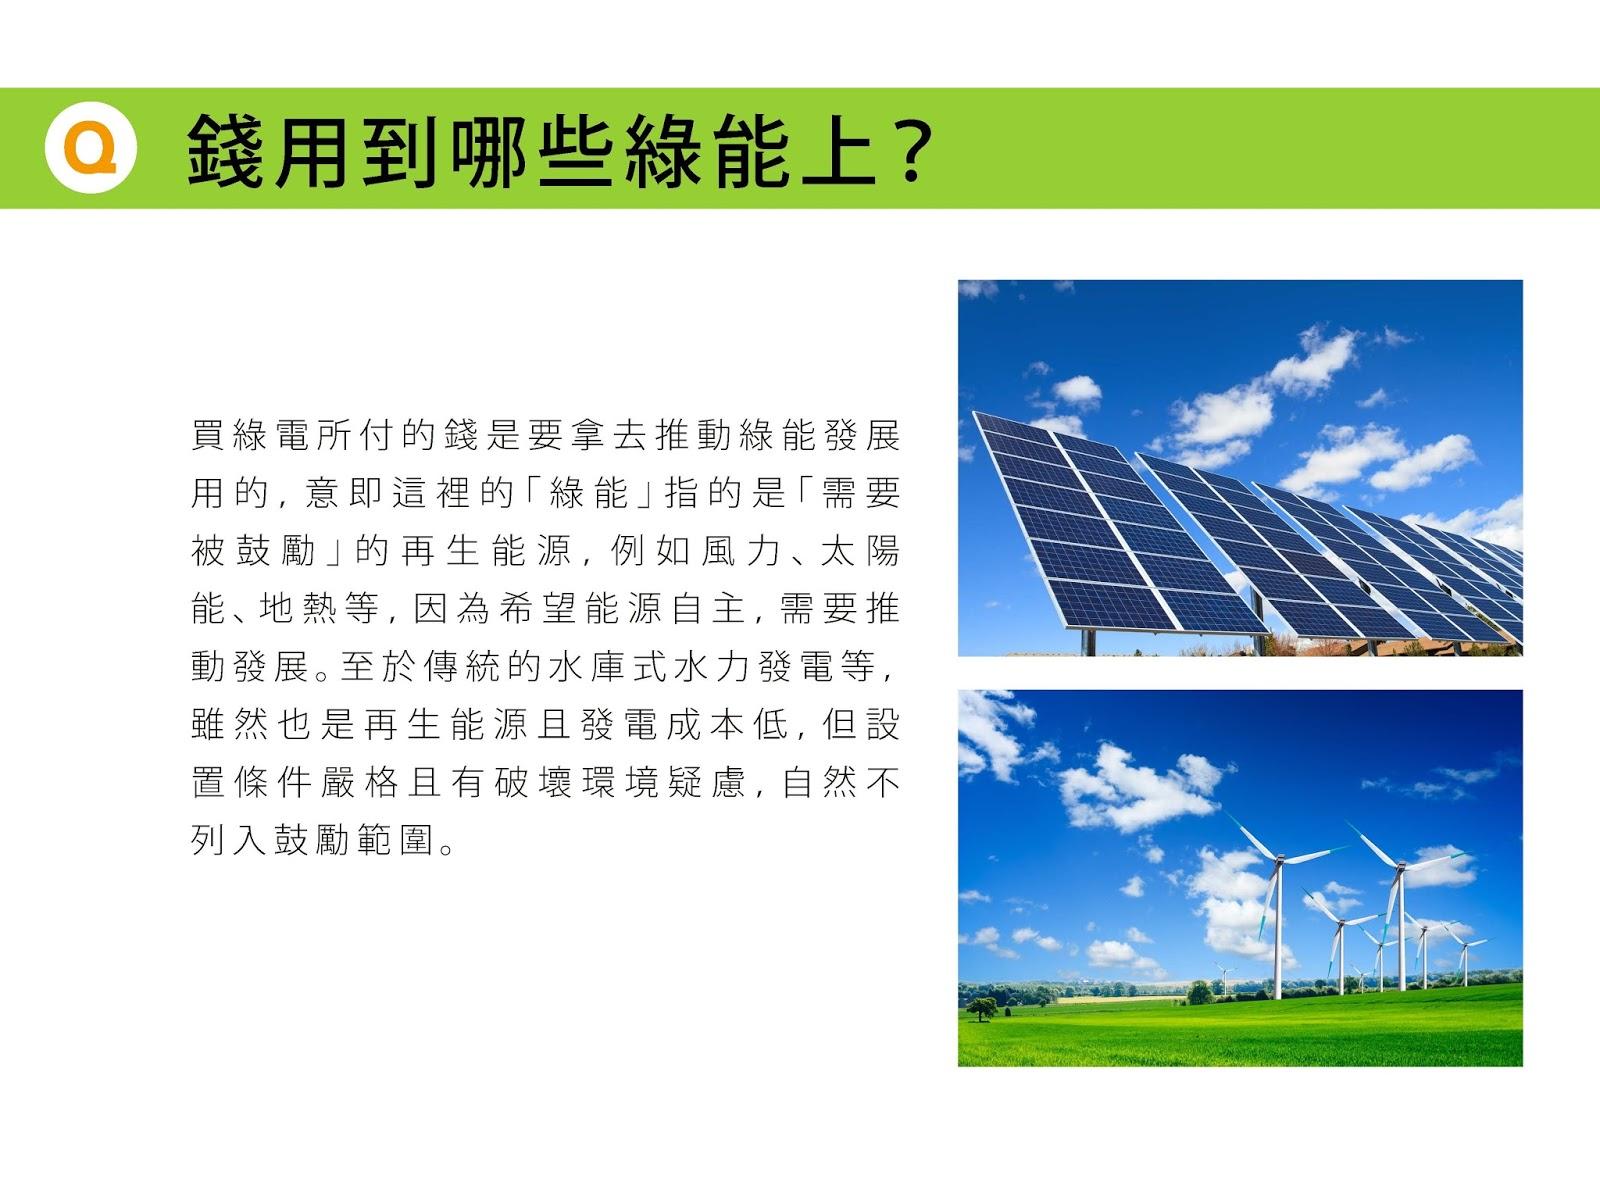 綠電懶人包 - 經 News   經新聞